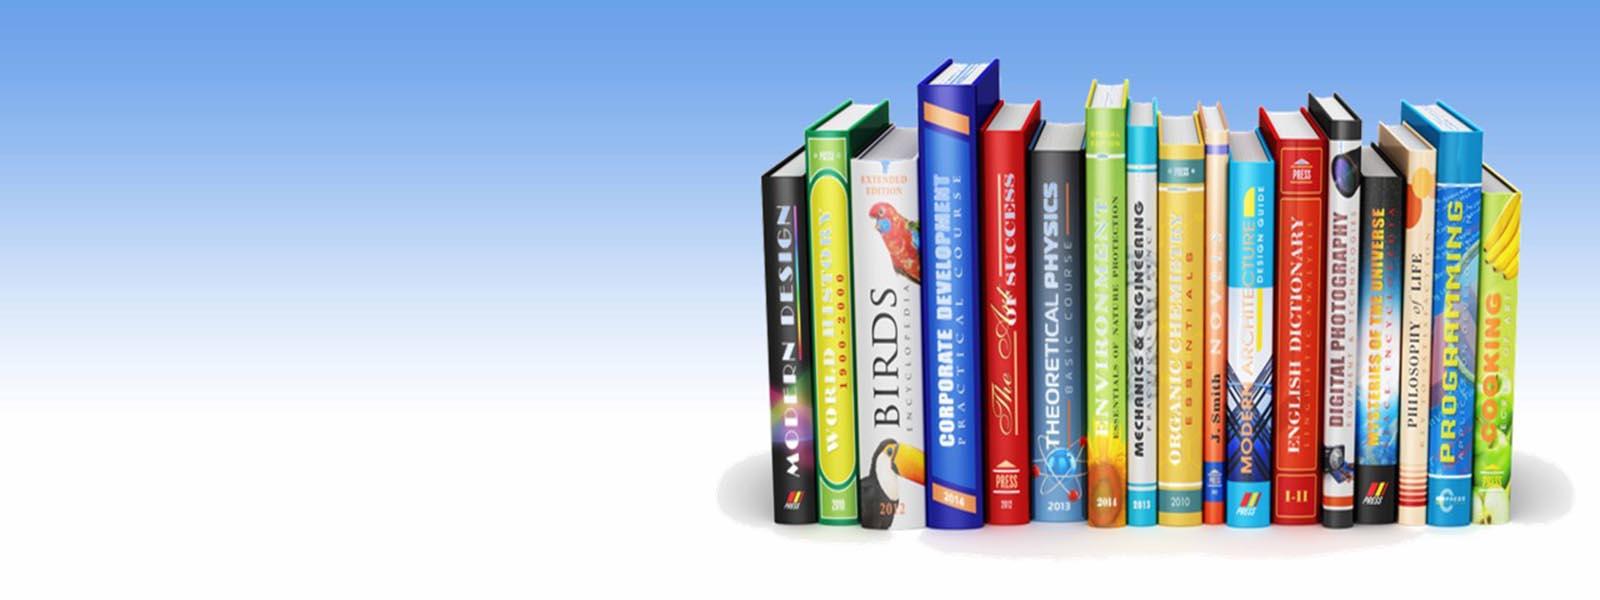 Online book stores in sri lanka